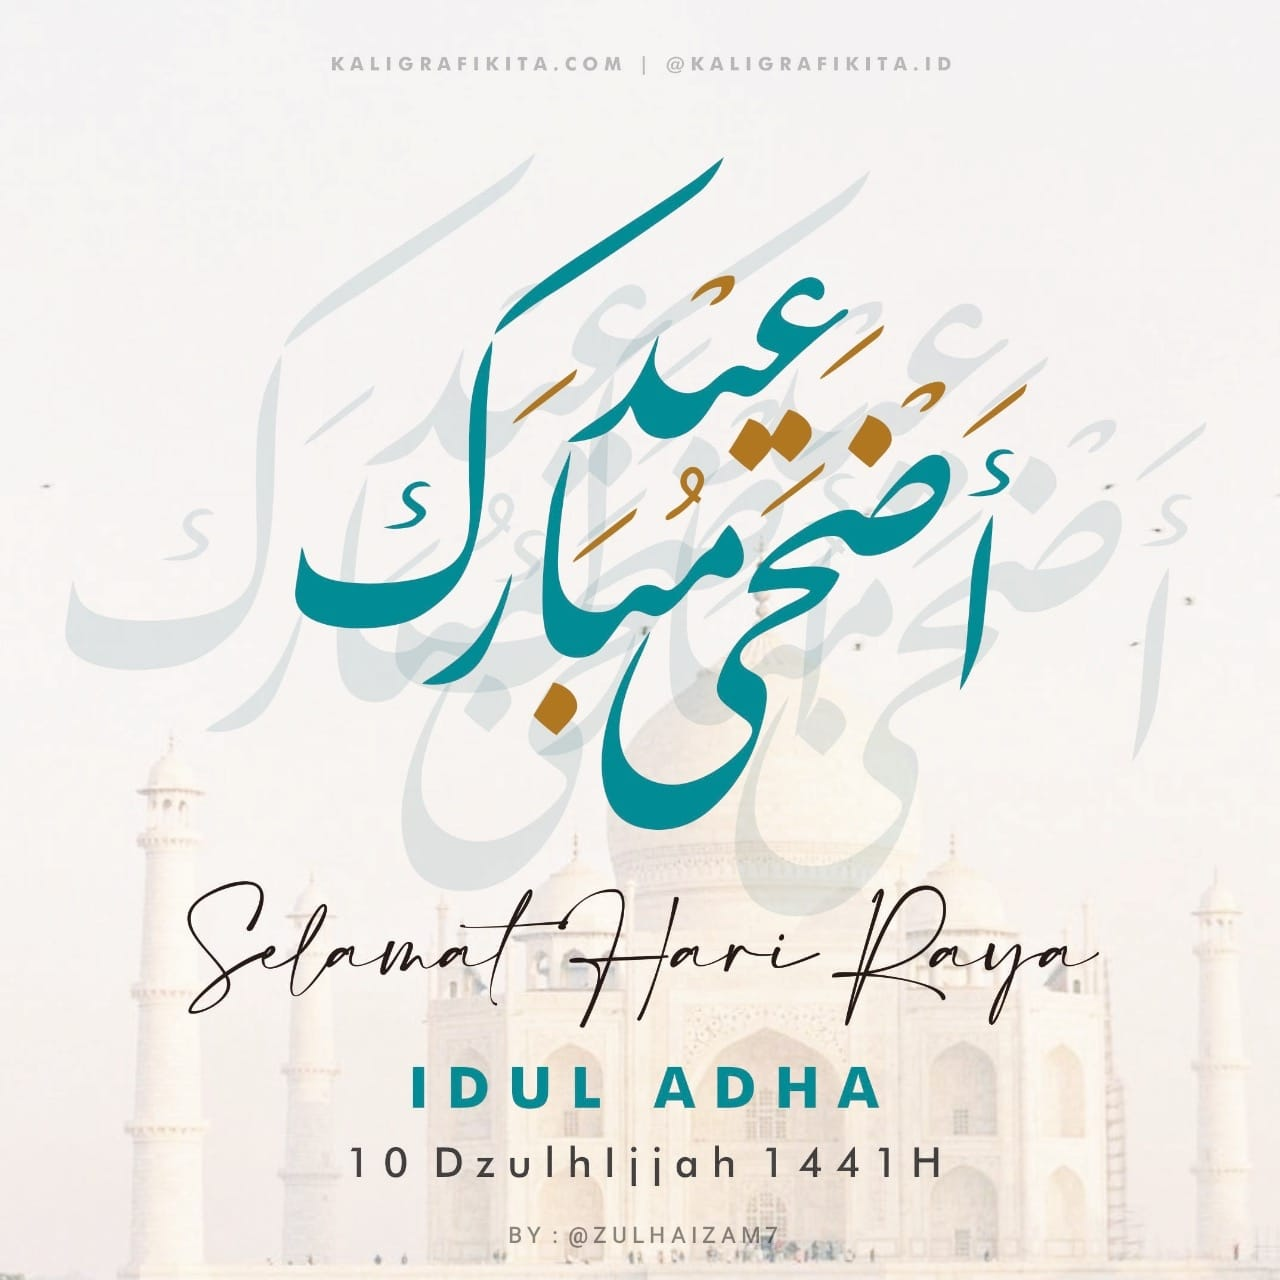 Download Selamat Hari Raya Idul Adha 10 Dzulhijjah 1441 H  Mohon maaf lahir batin semua... 1